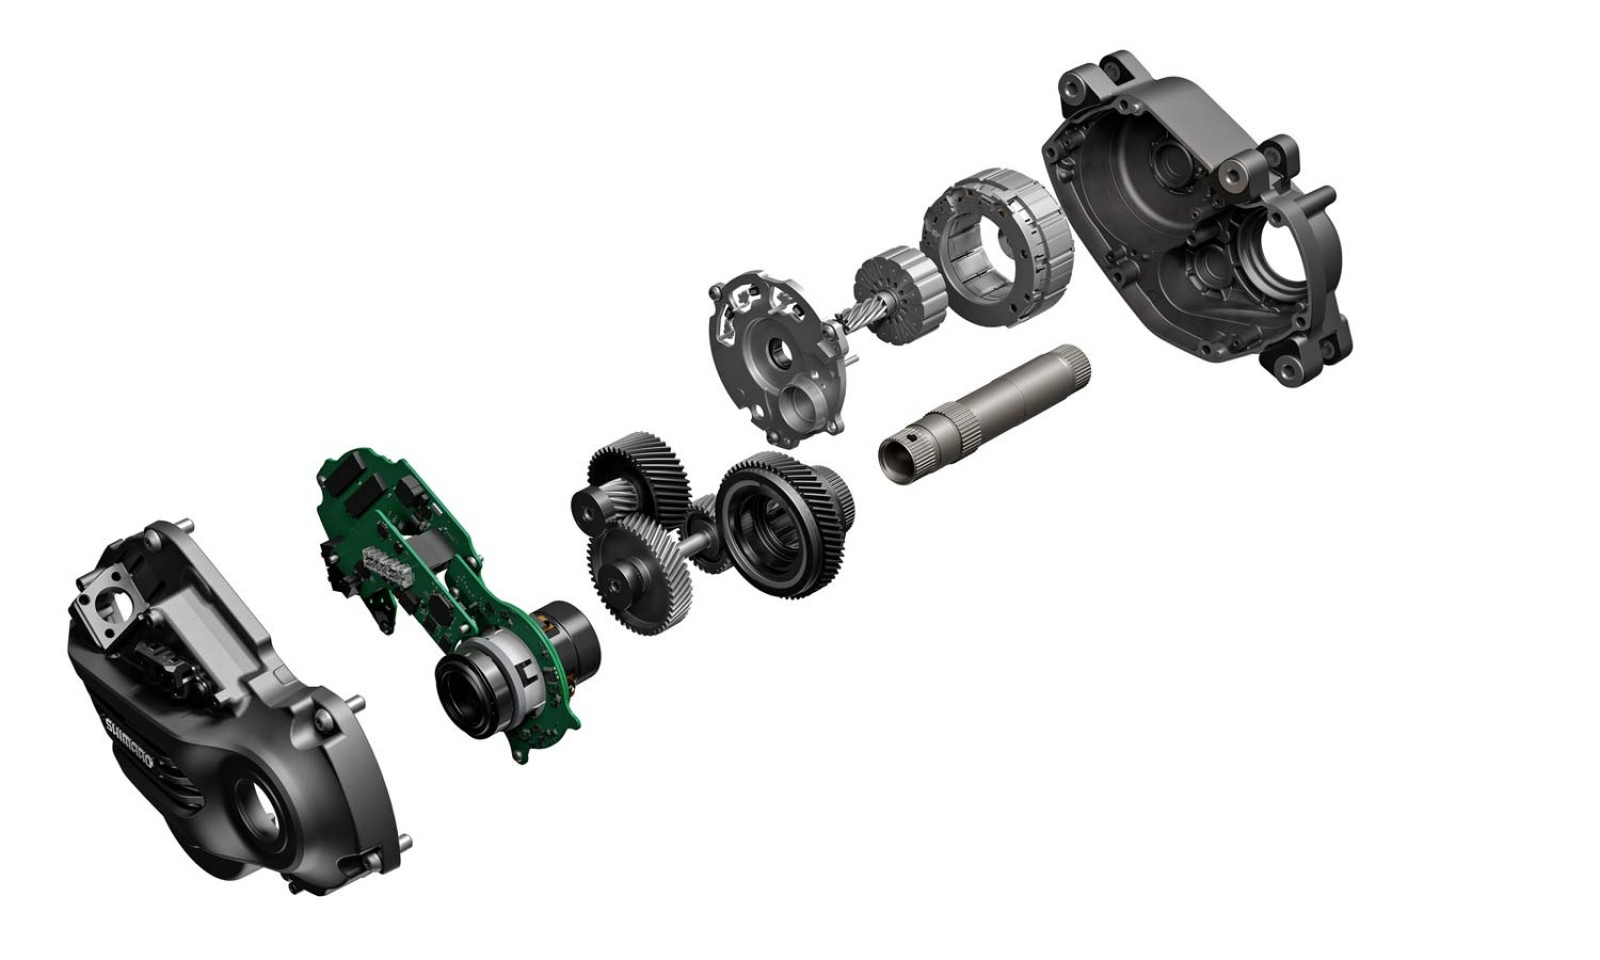 motor-central-motor-buje-e-bike/